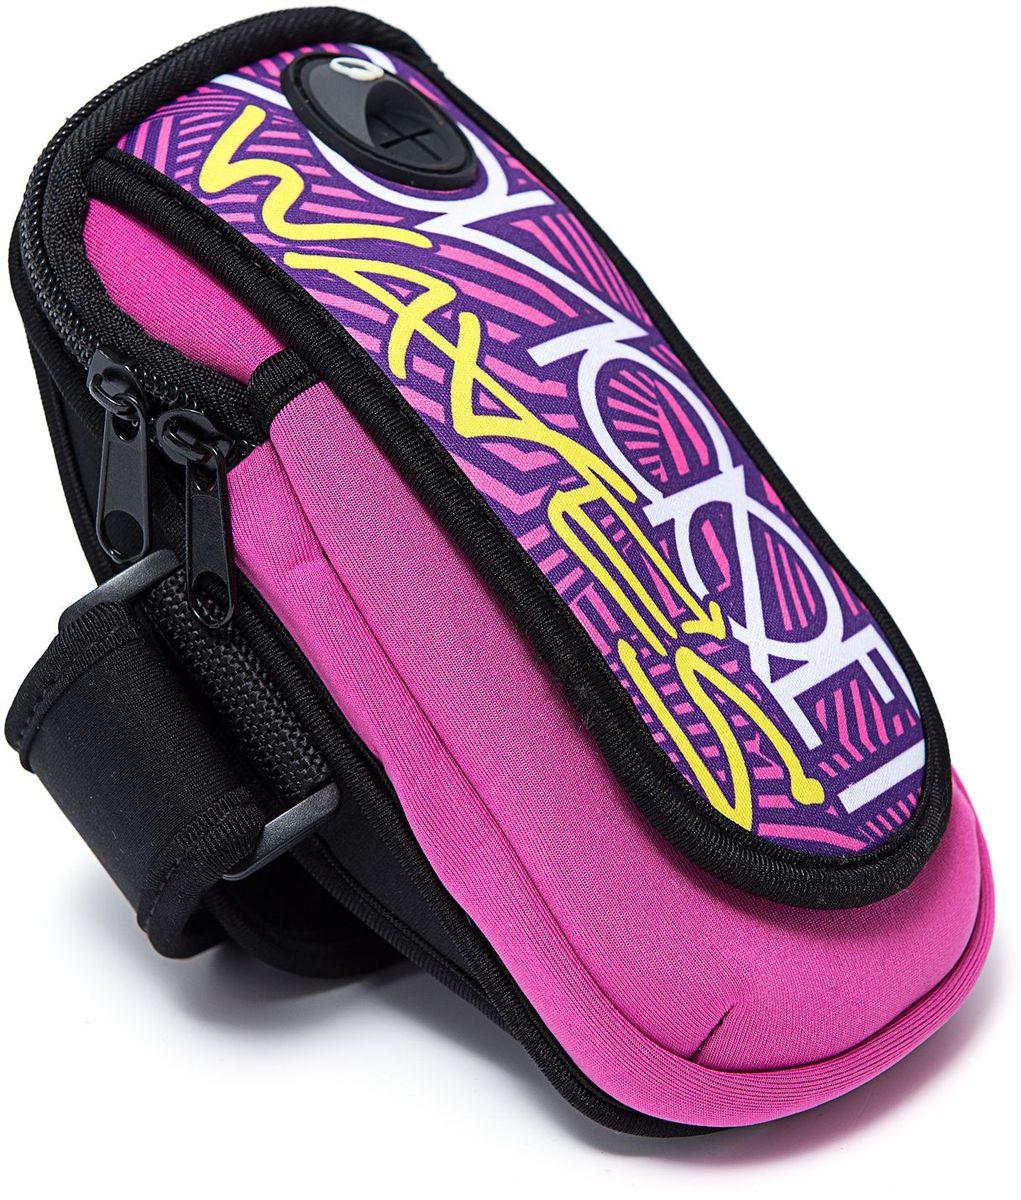 Органайзер Homsu, цвет: розовый, 18,5 х 9,5 смR-140Вместительный и удобный органайзер на руку выполнен в яркой расцветке, имеет отверстие для наушников. Незаменимый аксессуар для тех, кто ведет активный образ жизни. Размер изделия: 18,5х9,5см